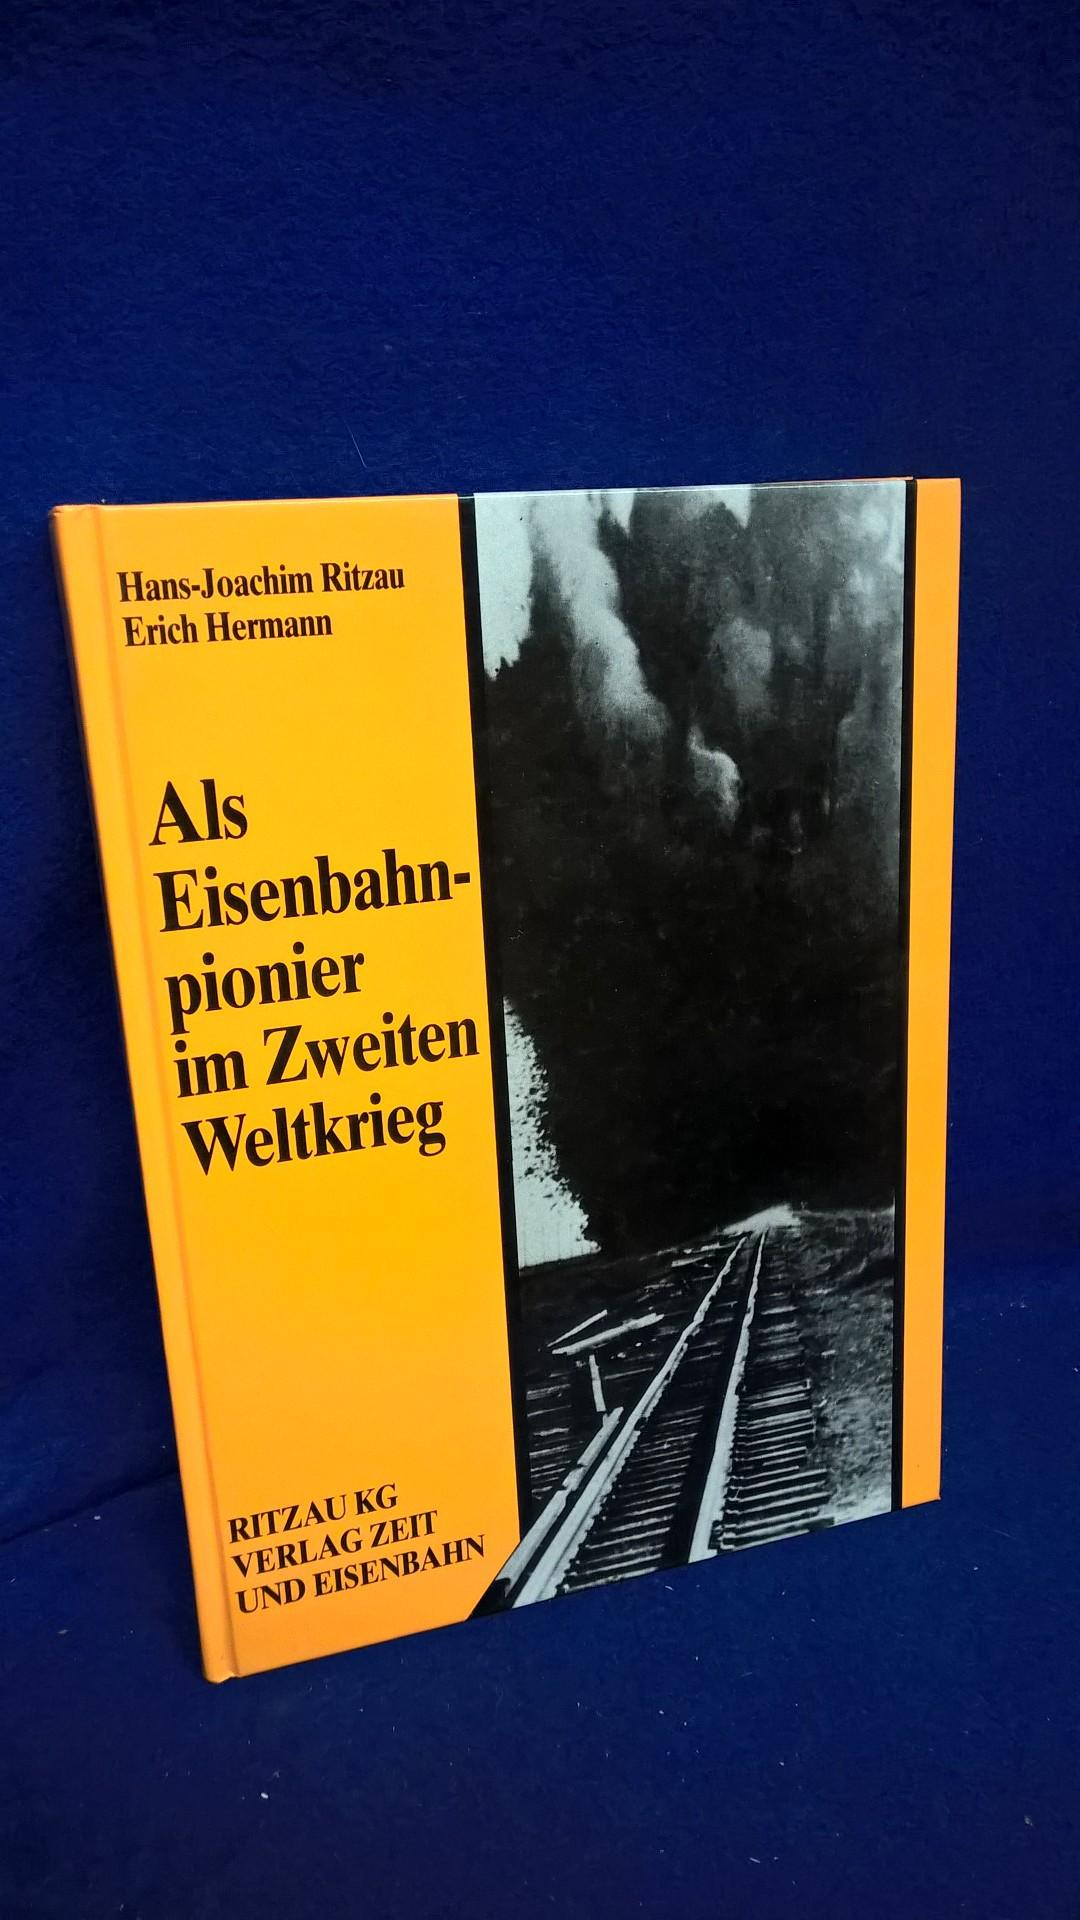 Als Eisenbahnpionier im Zweiten Weltkrieg